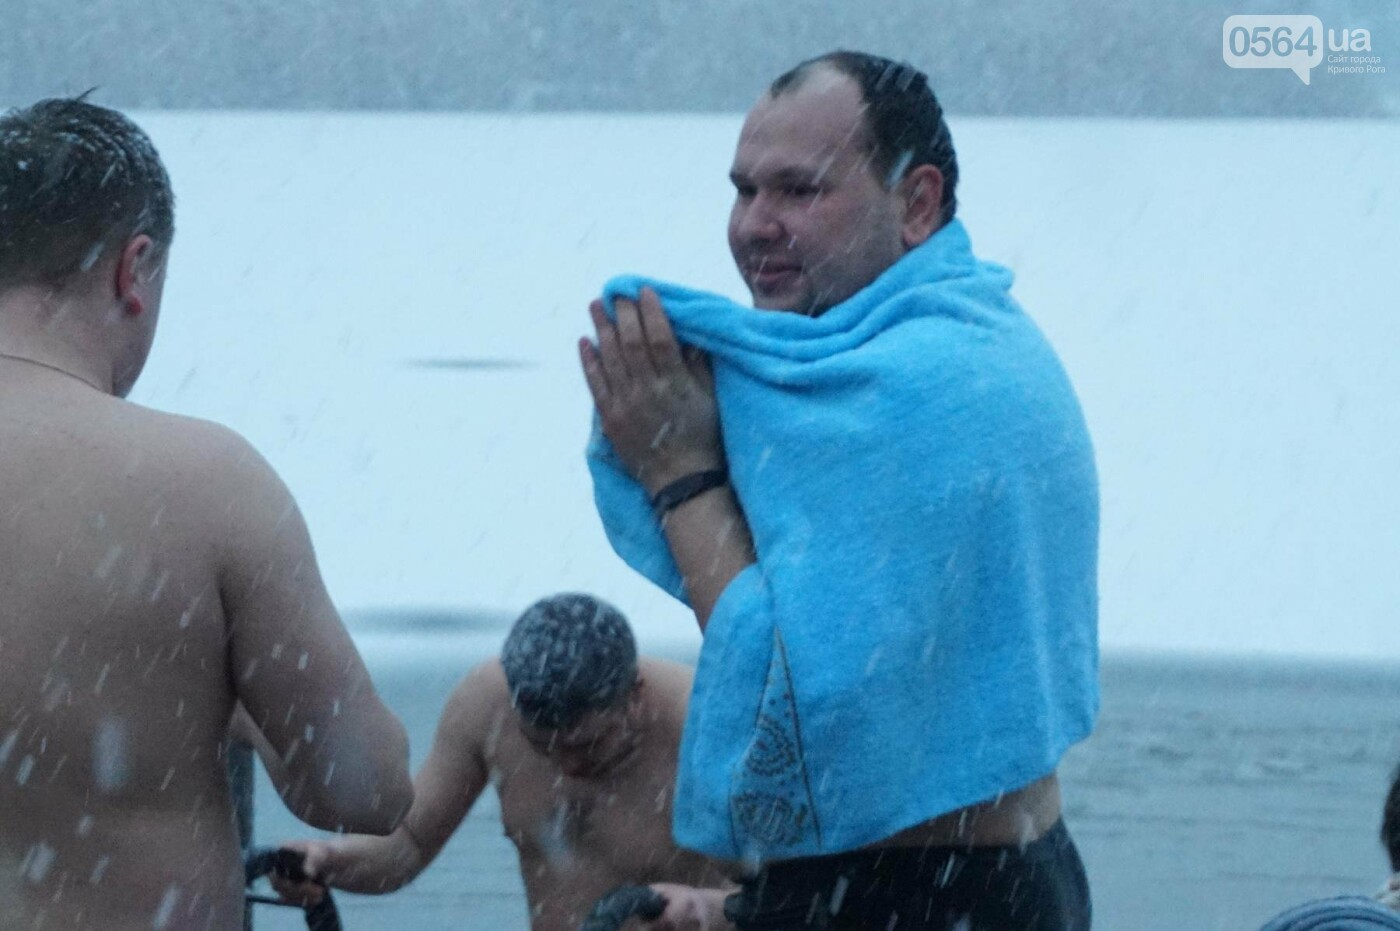 """""""Вода - просто огонь!"""": сотни криворожан окунулись в прорубь на Крещение  (ФОТО, ВИДЕО), фото-1"""